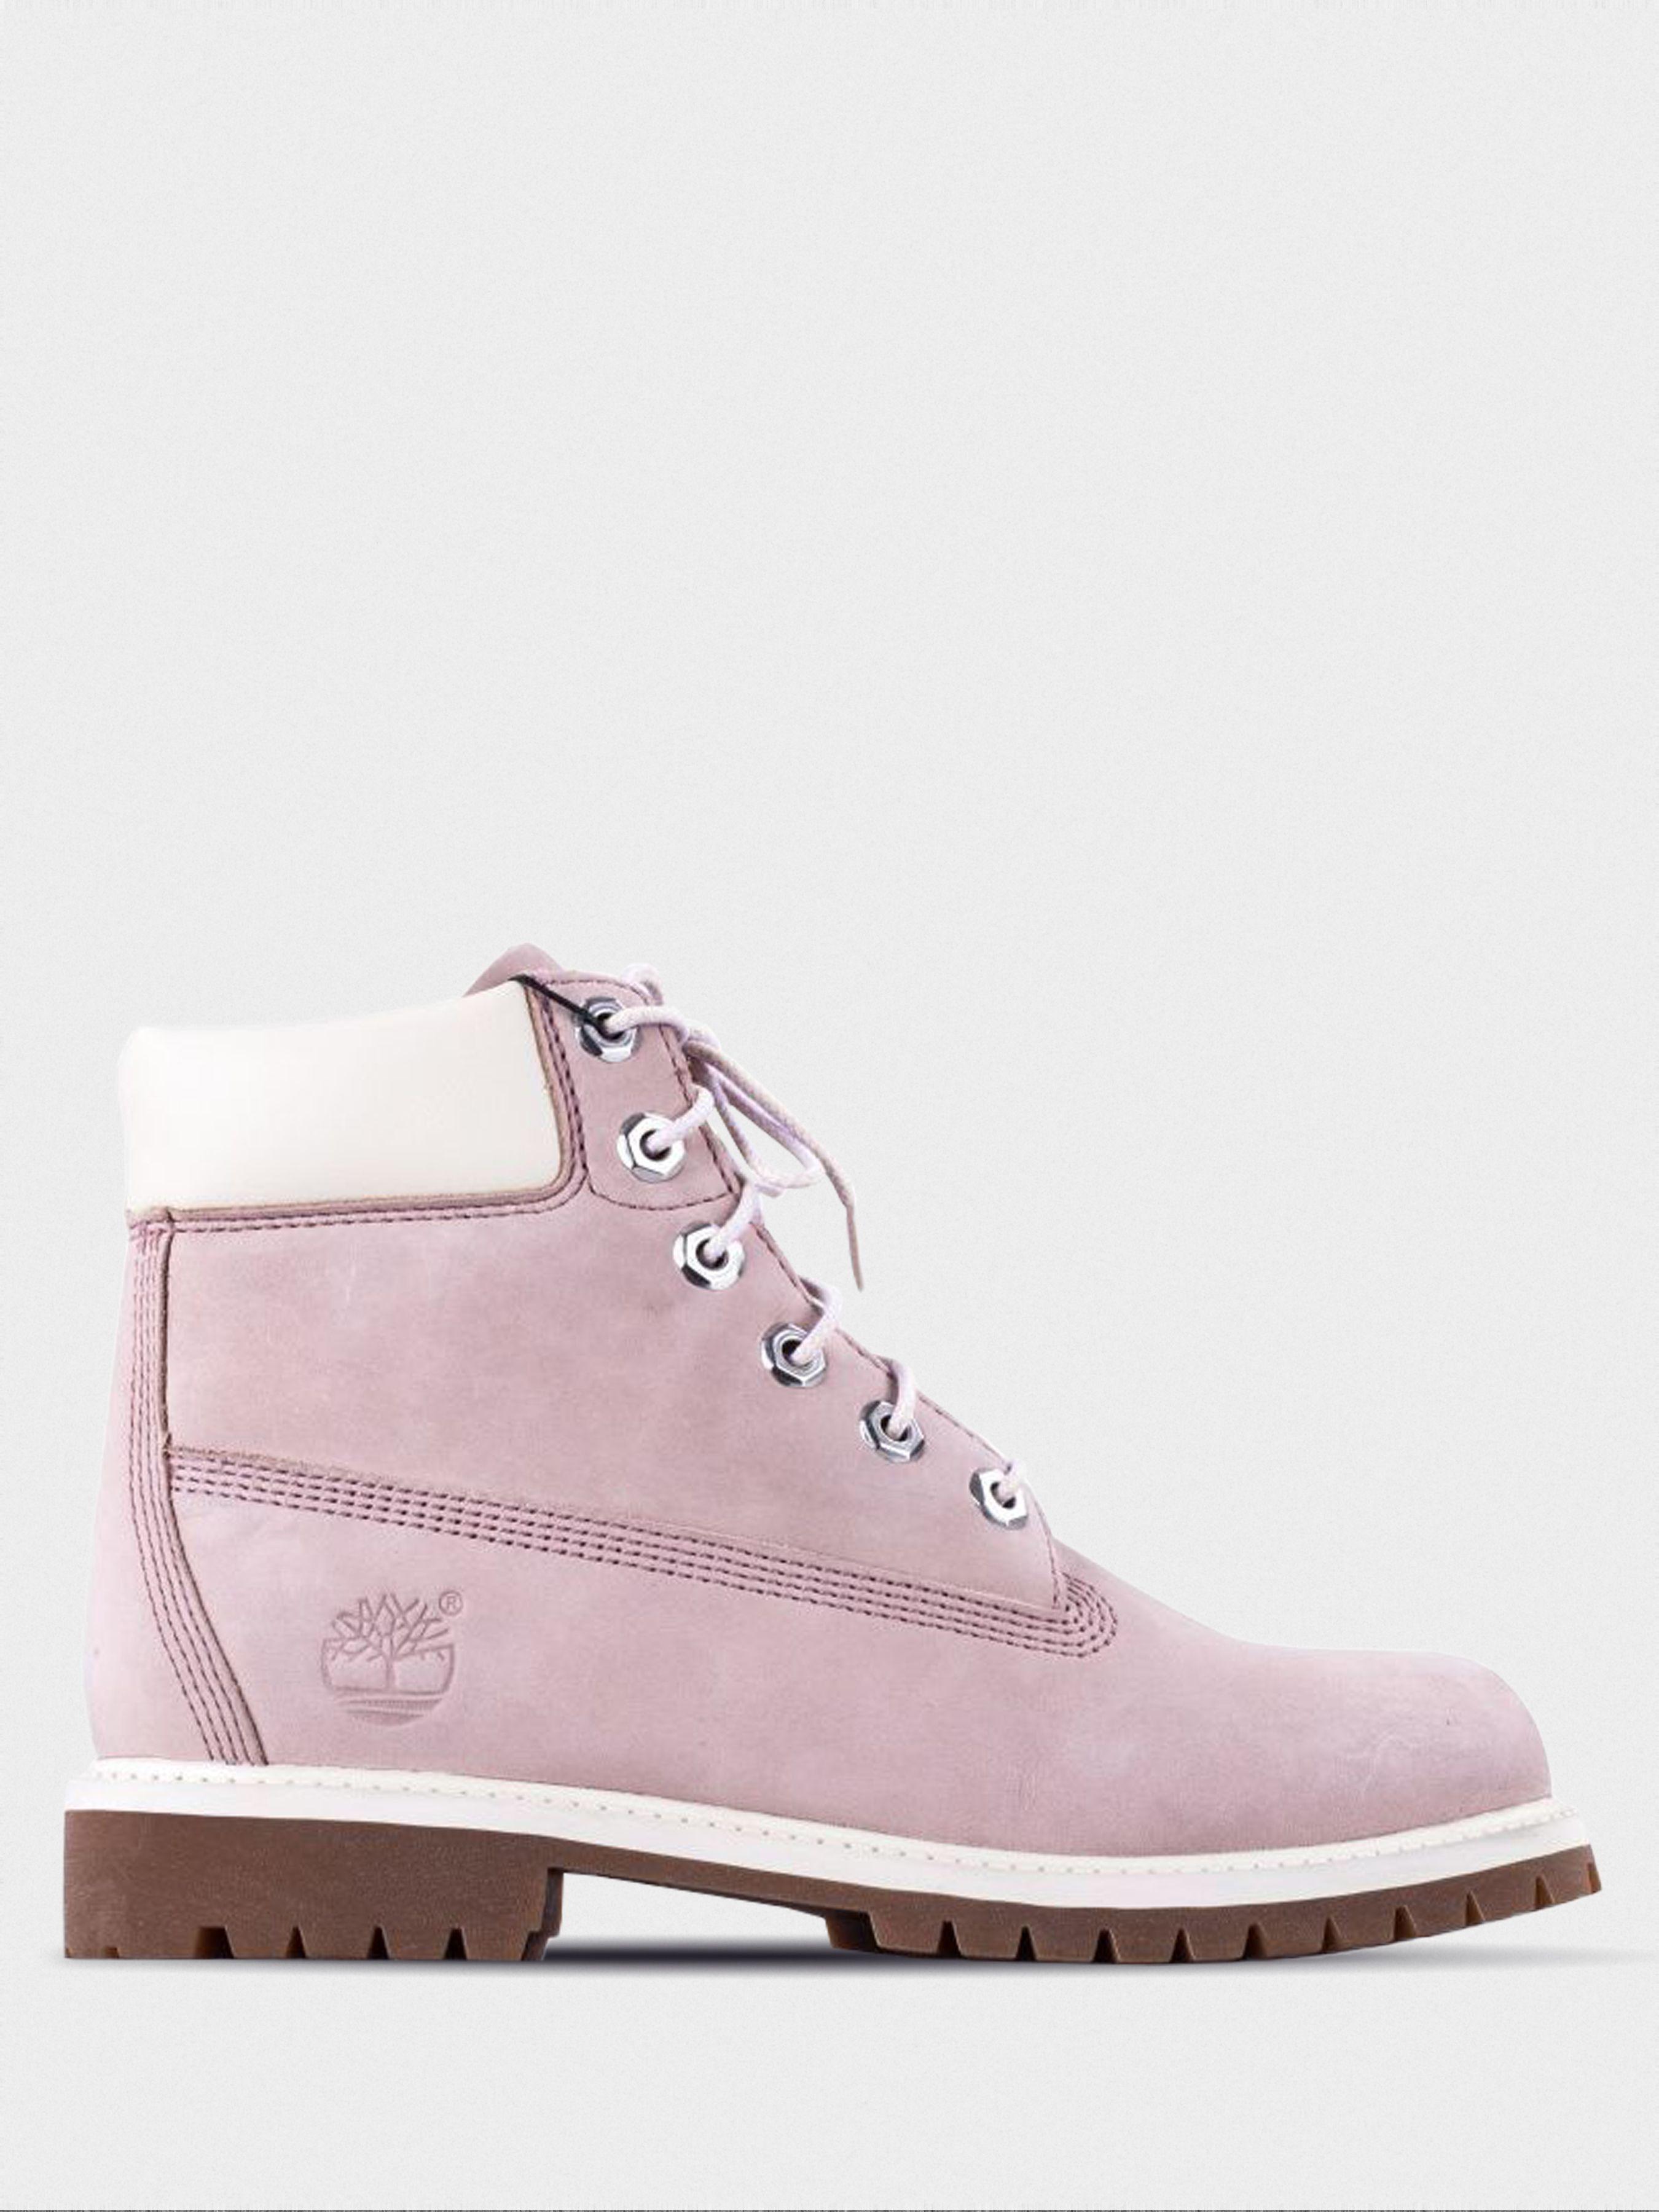 Купить Ботинки детские Timberland 6 In Classic Boot TL1659, Розовый